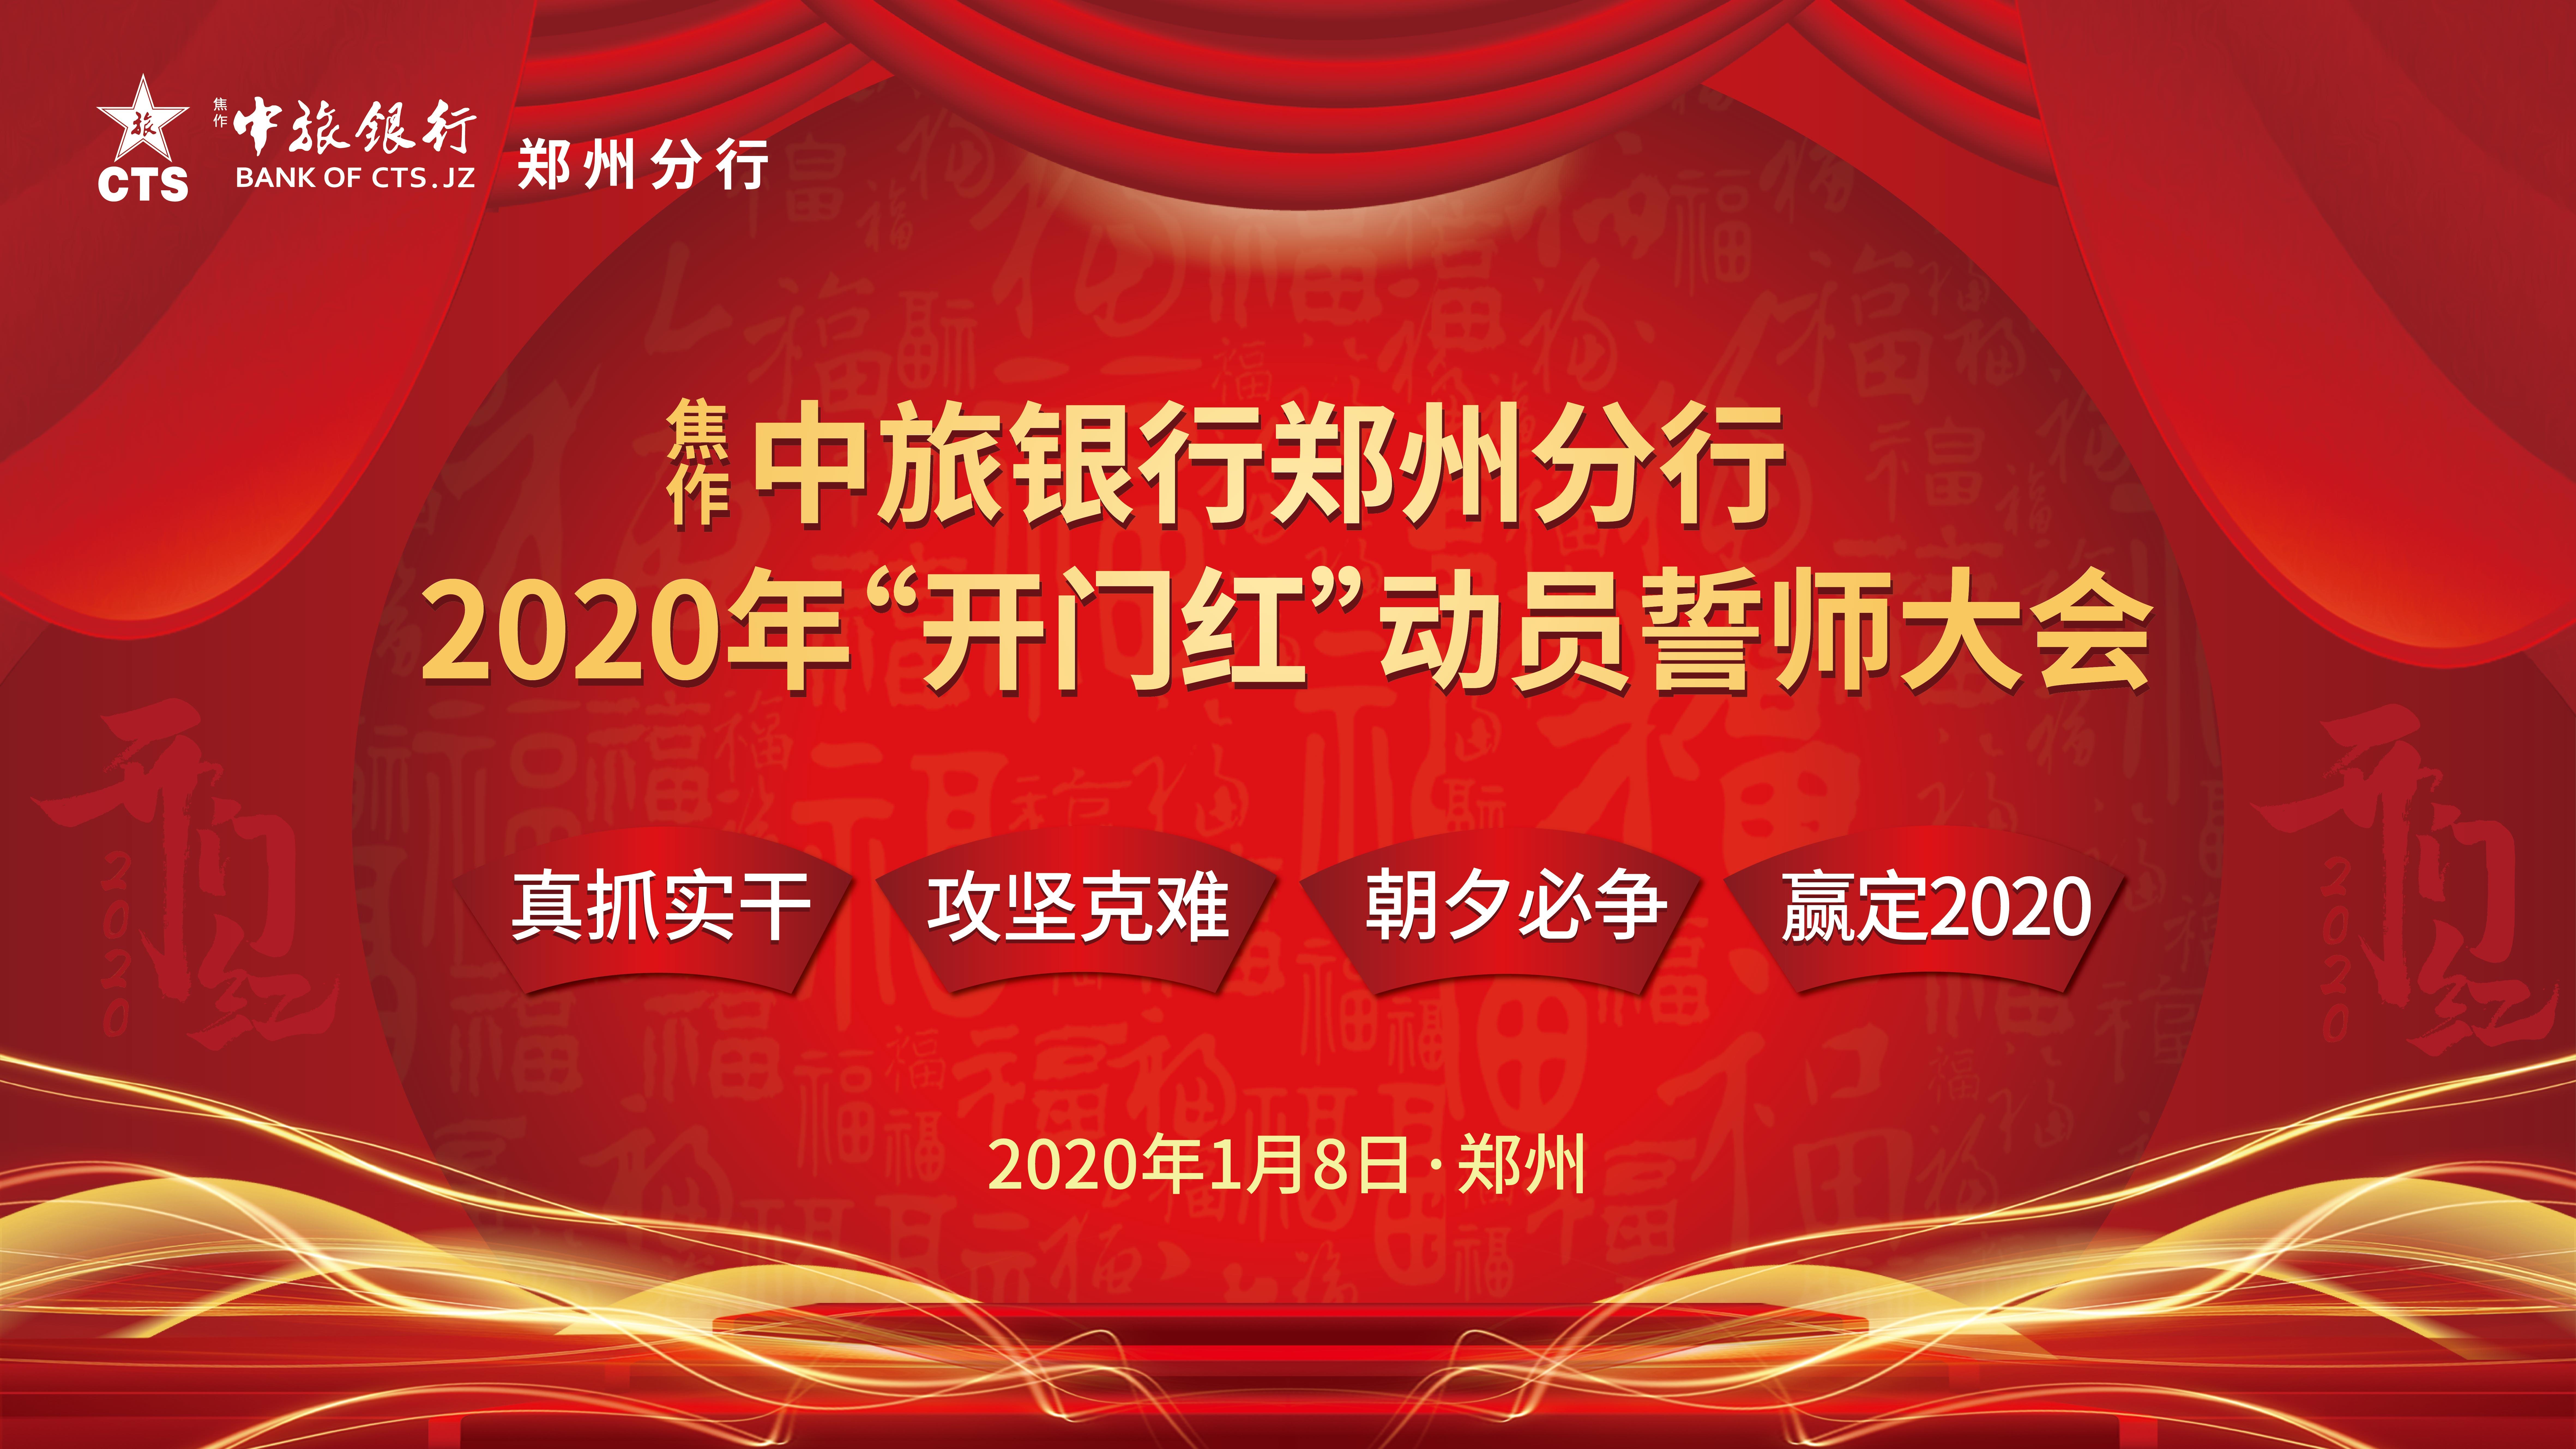 焦作中旅银行郑州分行召开2020年